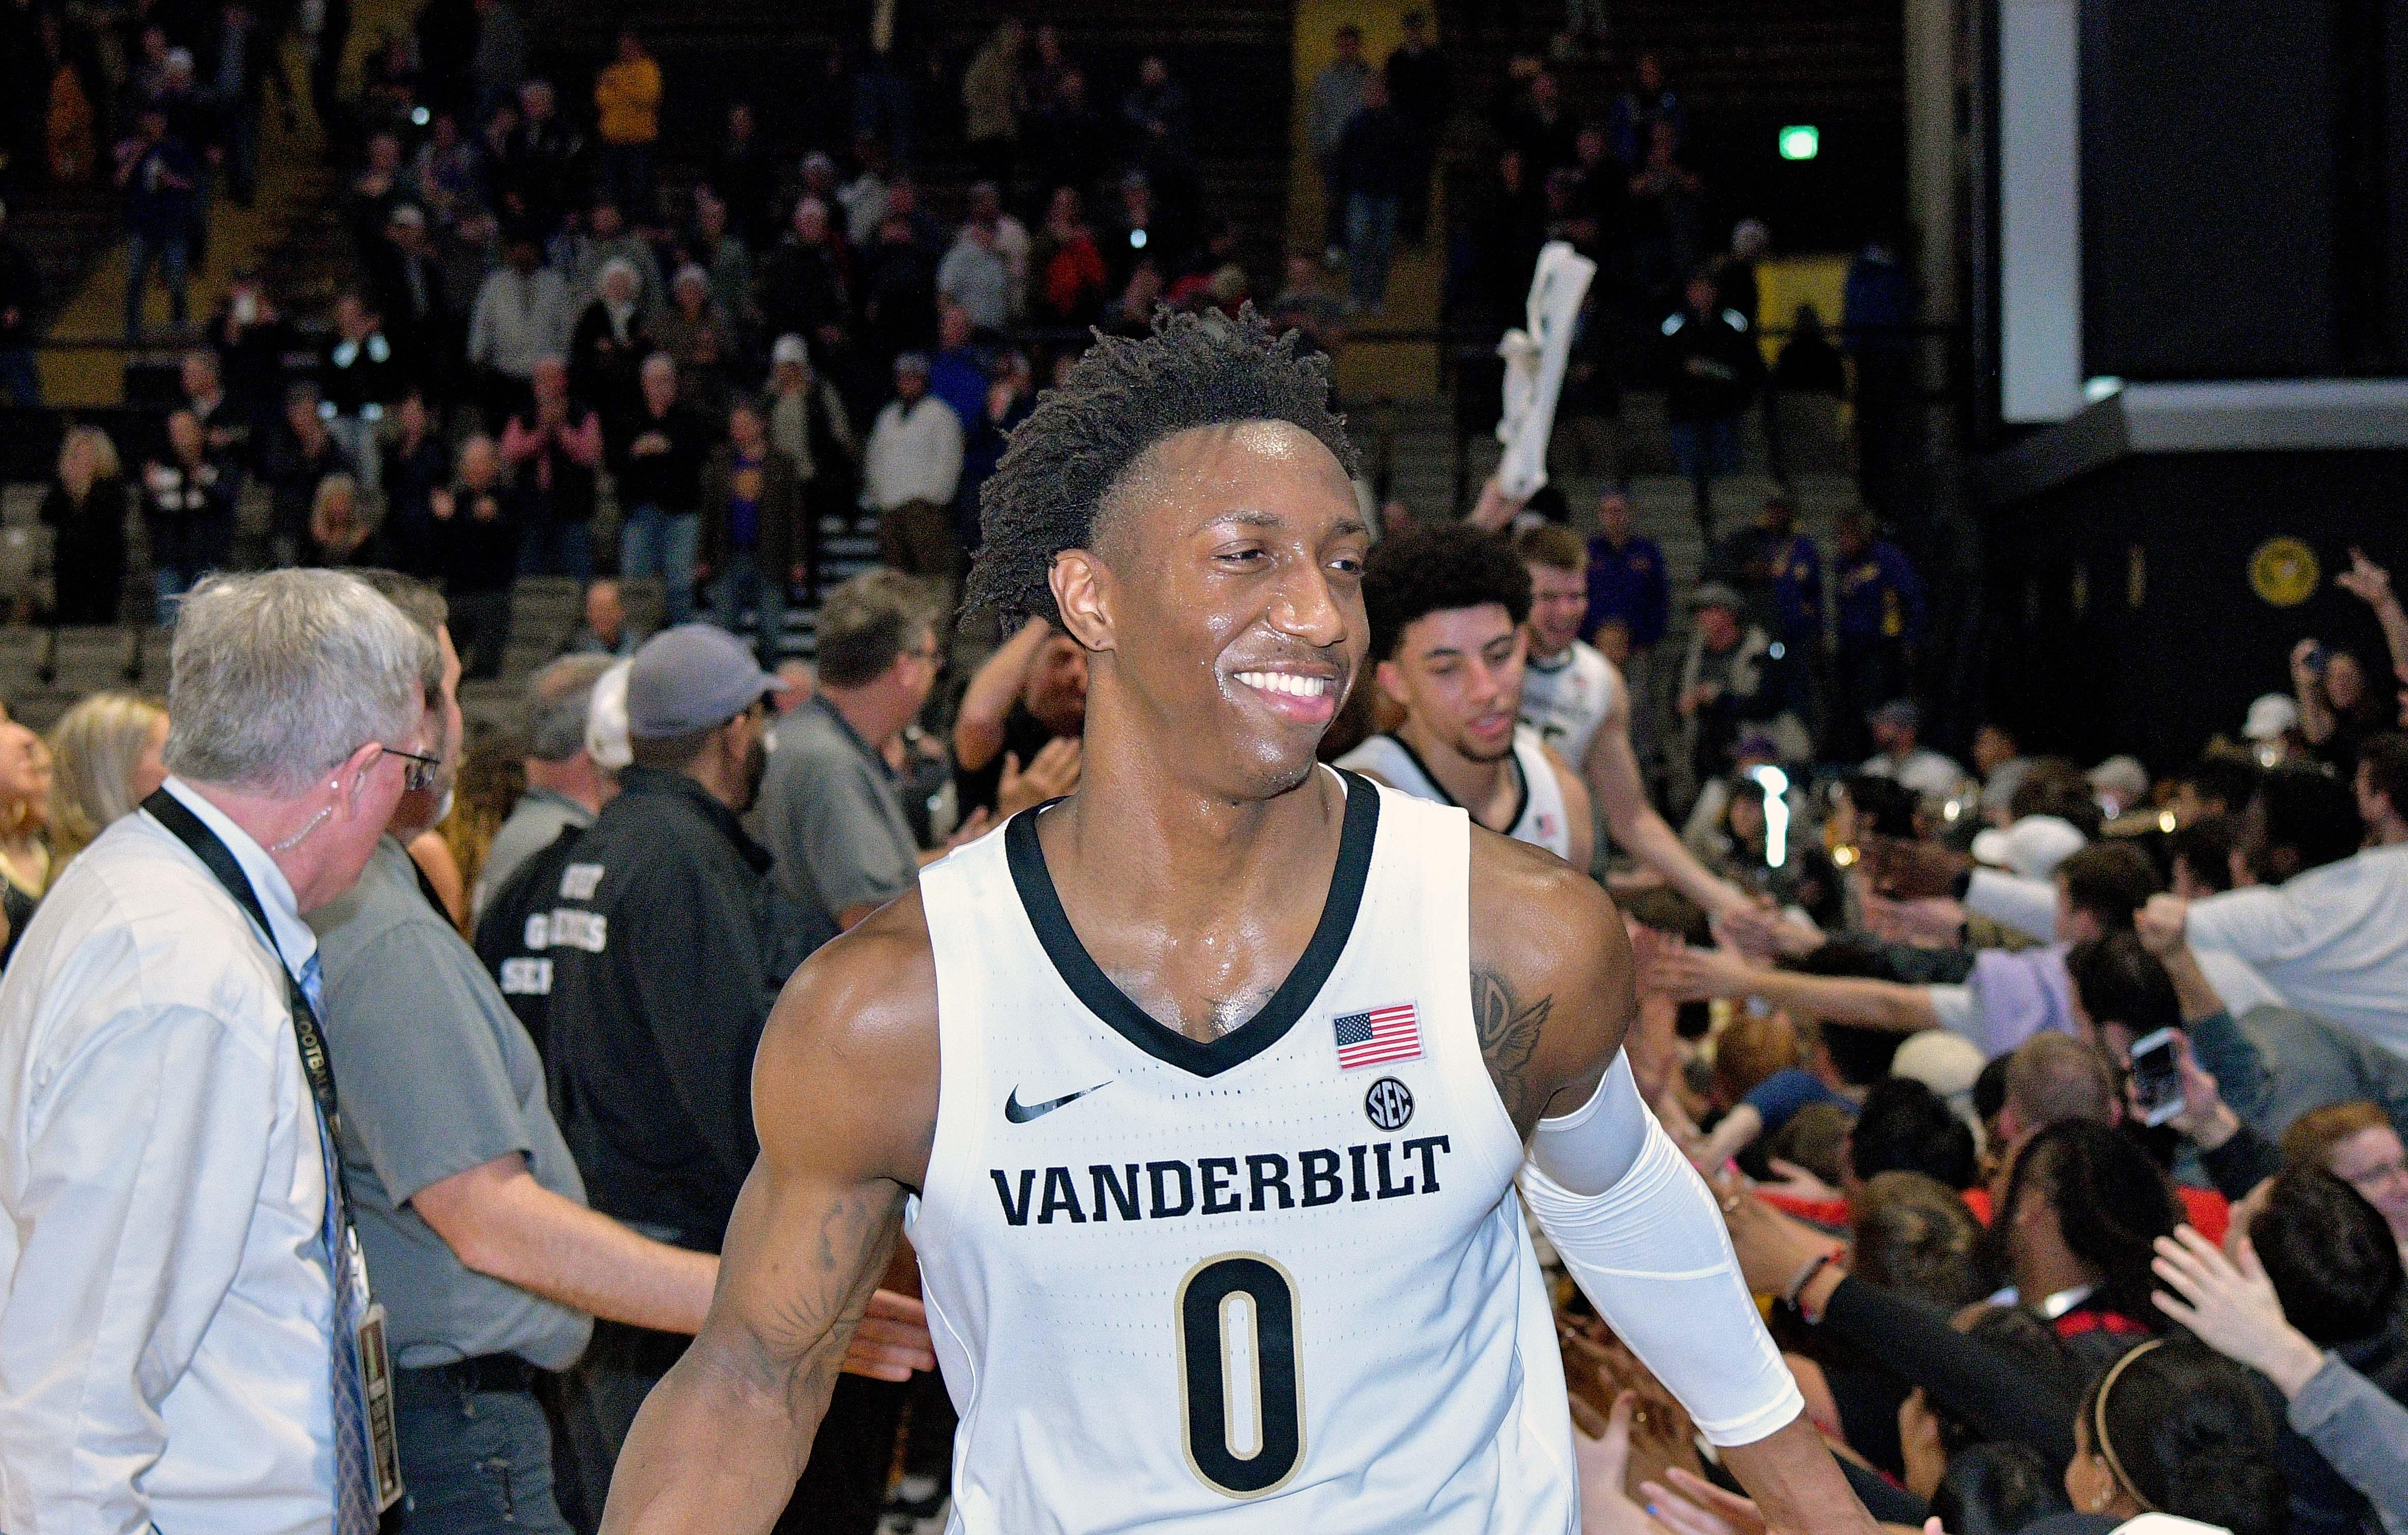 NCAA Basketball: Louisiana State at Vanderbilt